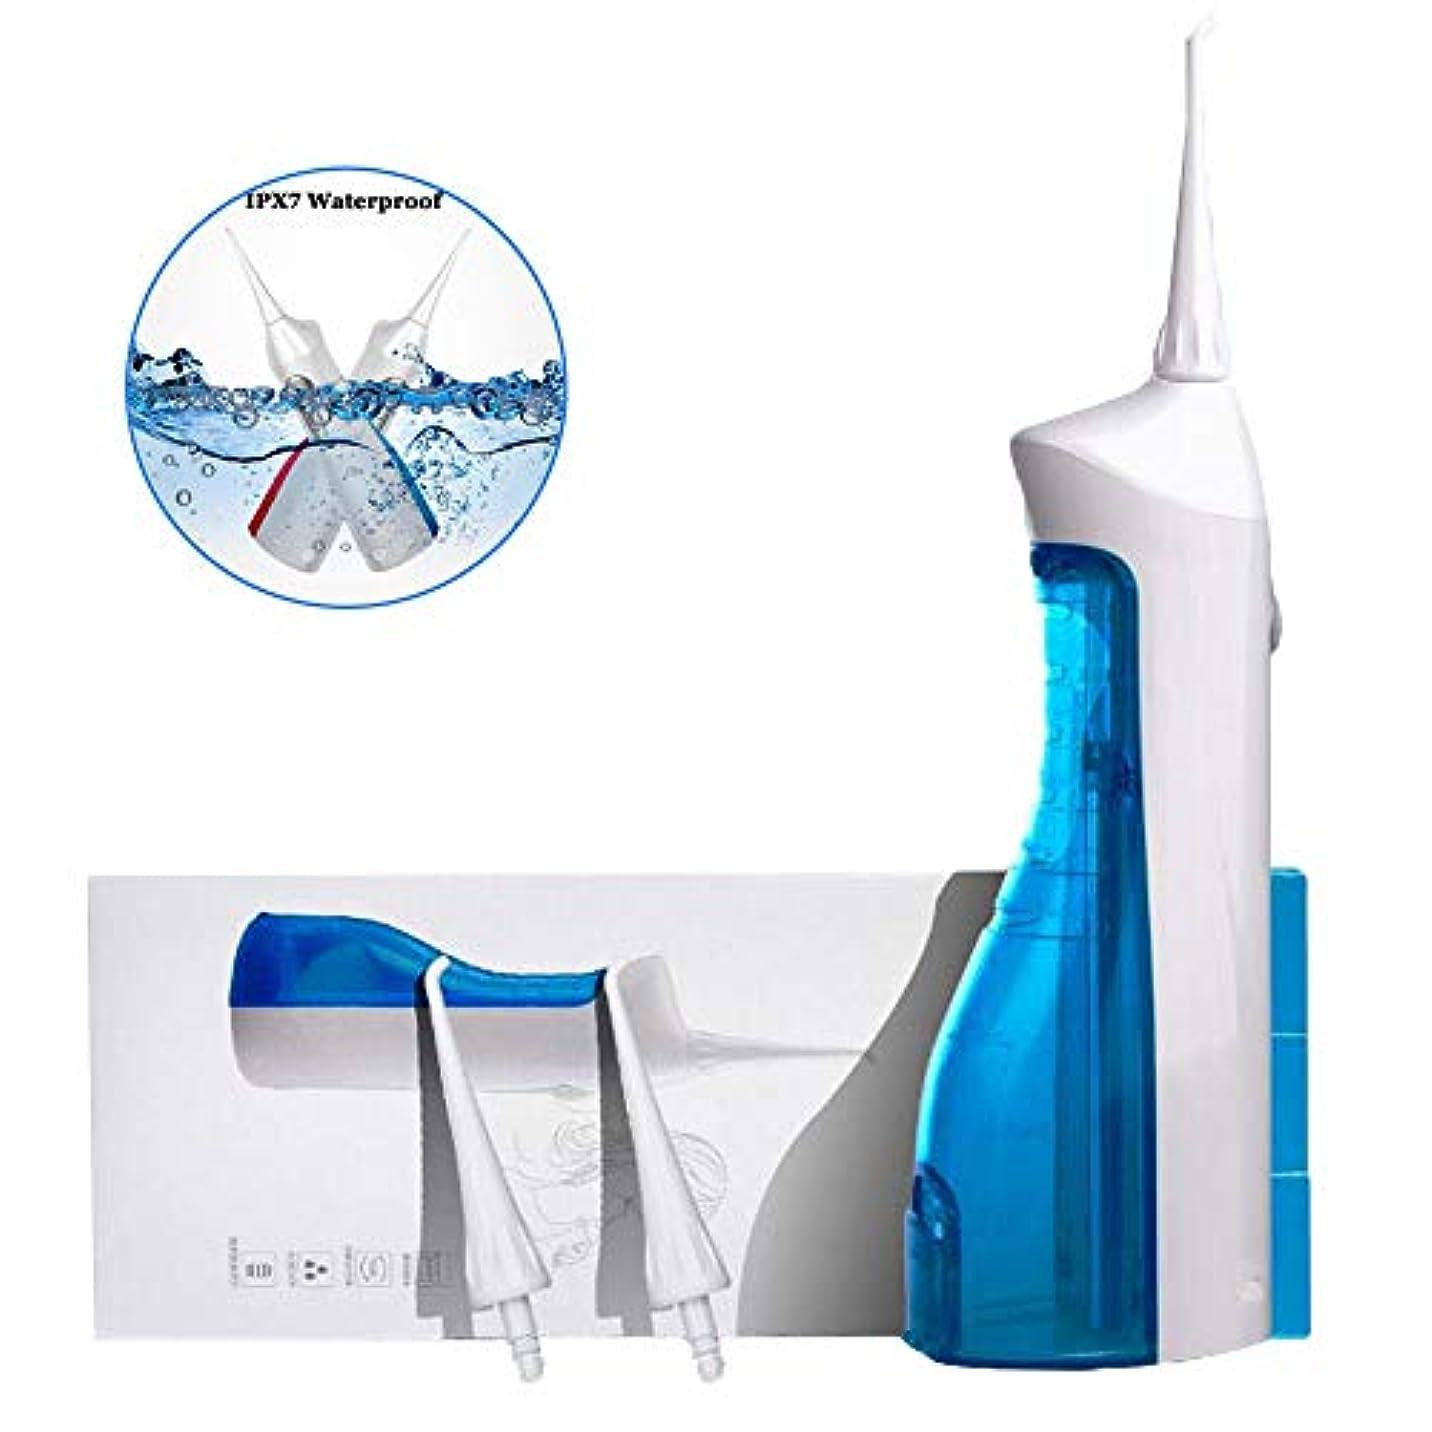 ボルト確執裁量歯用ウォーターフロッサー、ポータブルプロフェッショナルコードレス歯科口腔洗浄器、150mlタンク、2本のジェットチップ付き歯磨き粉用クリーナー、2つのクリーニングモード、USB充電式、IPX7防水